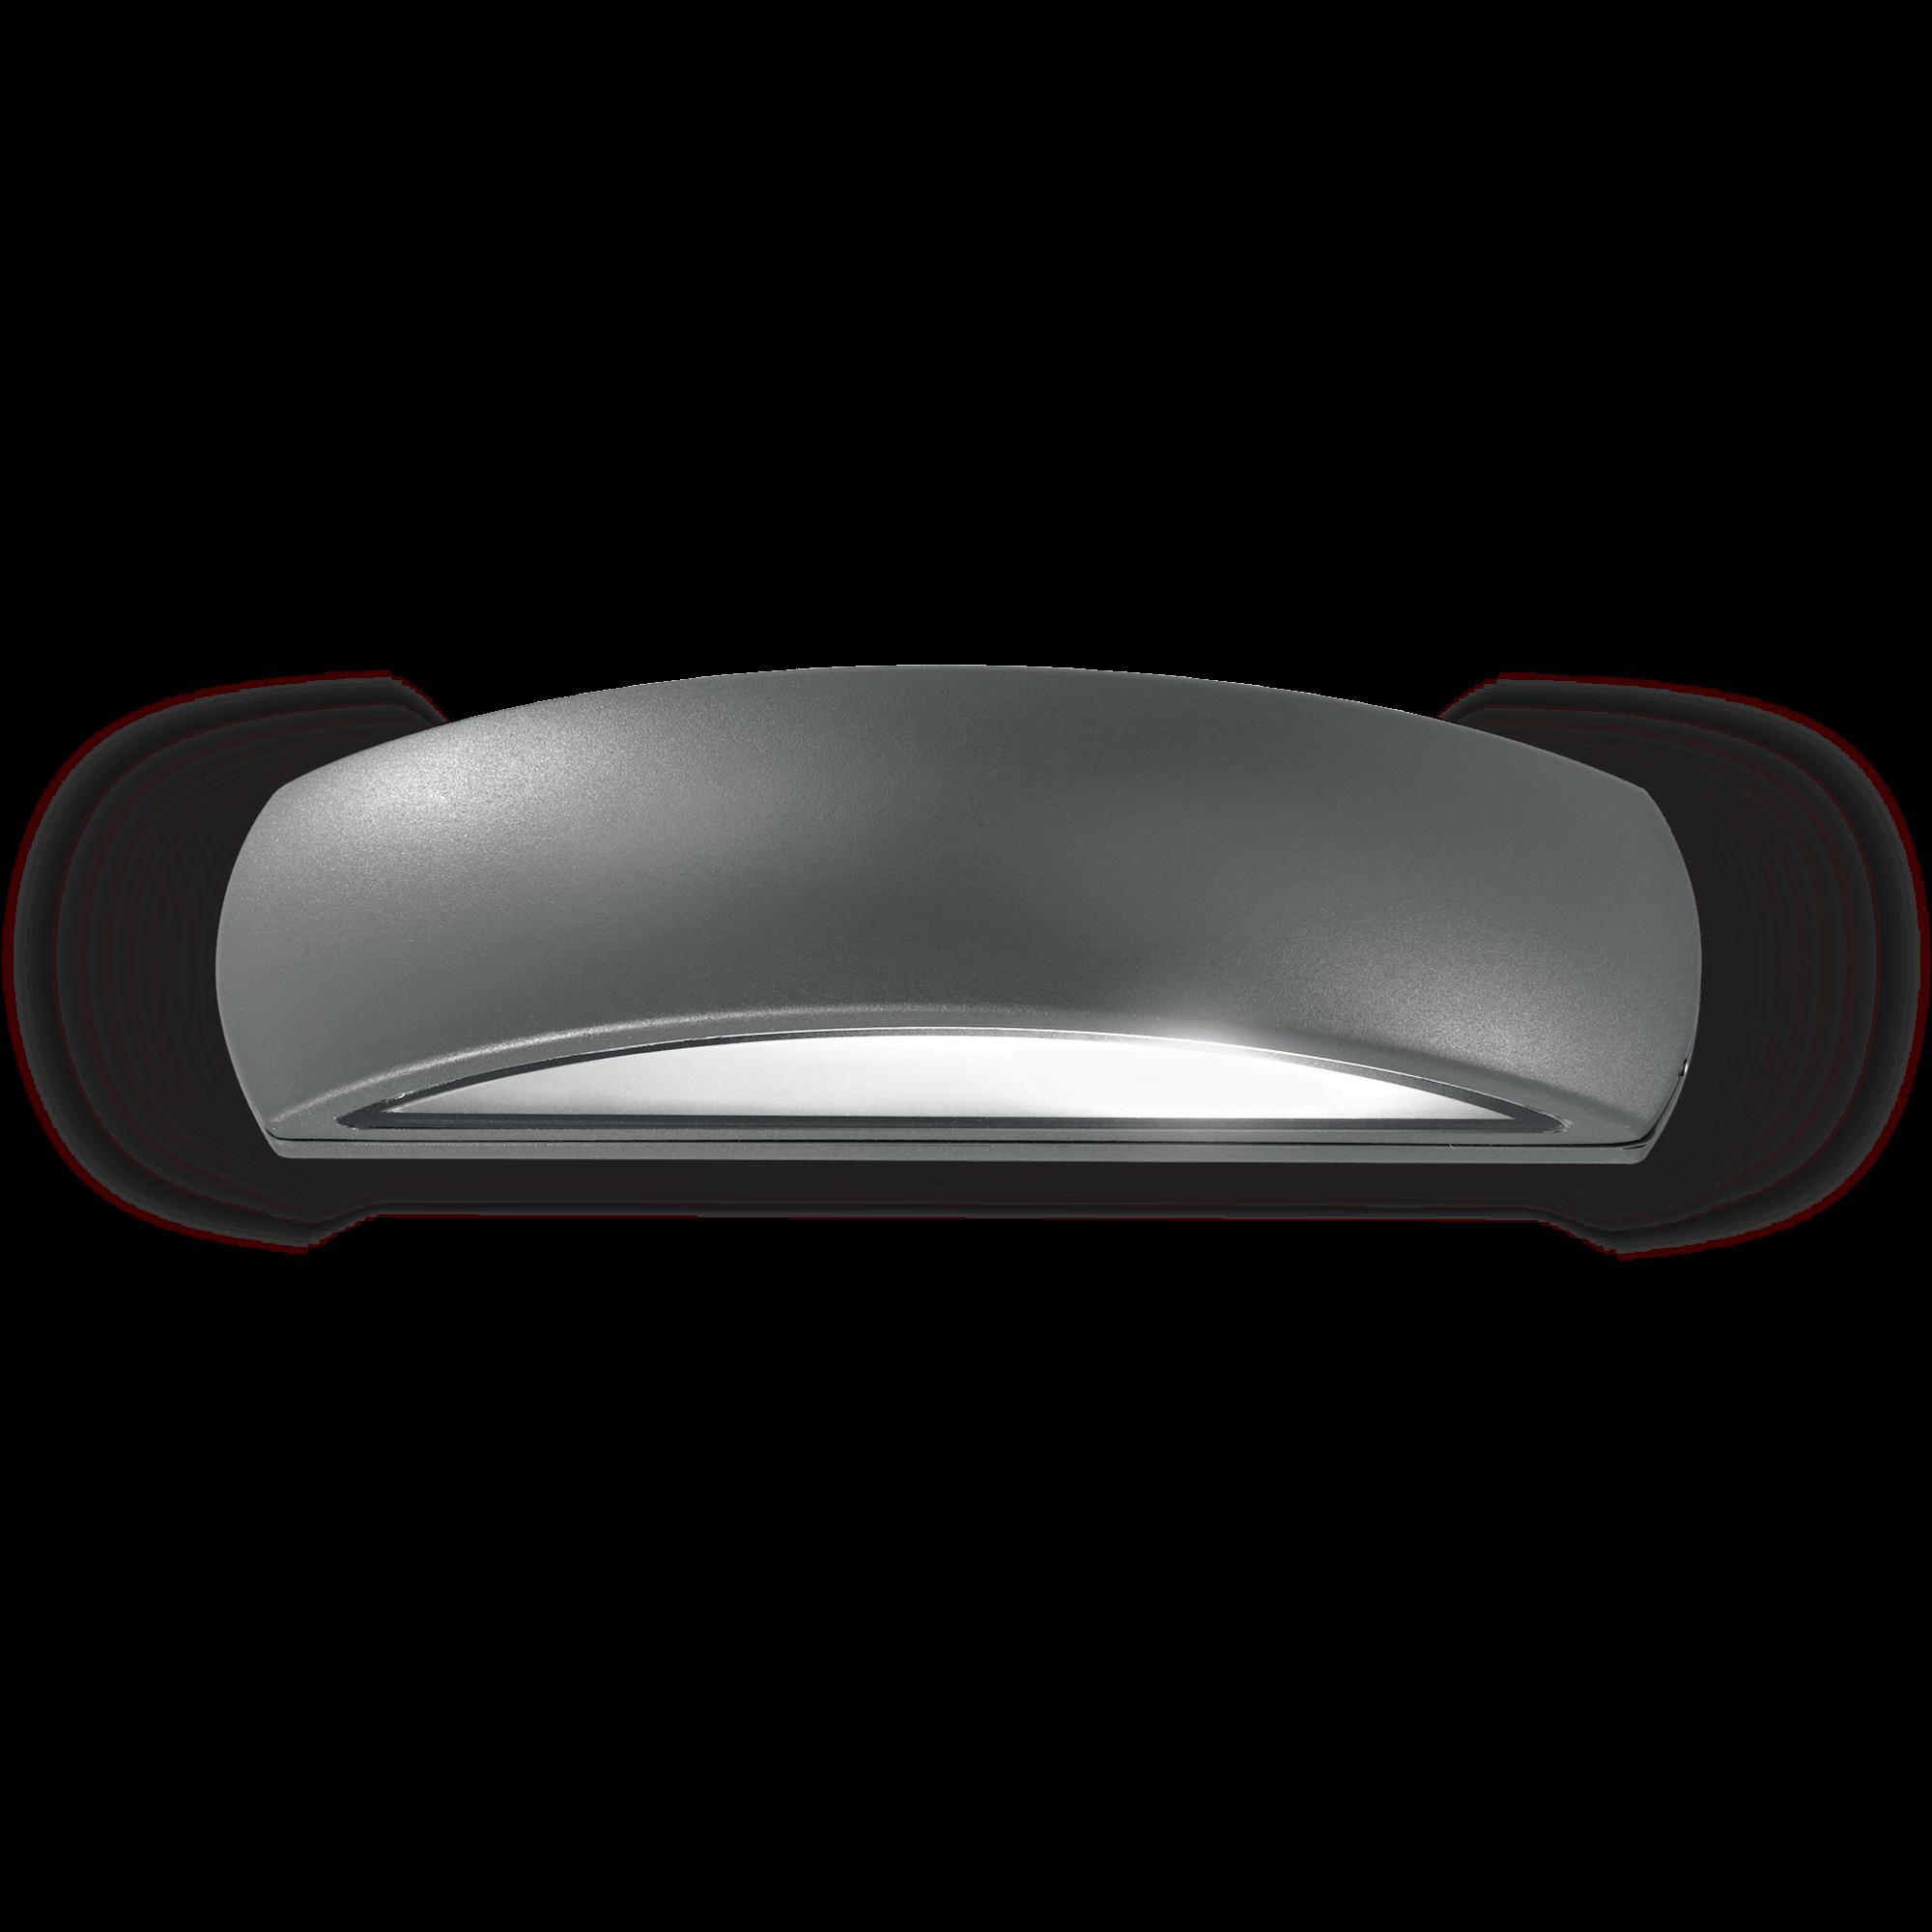 Ideal Lux 092188 Giove AP1 Antracite kültéri falilámpa